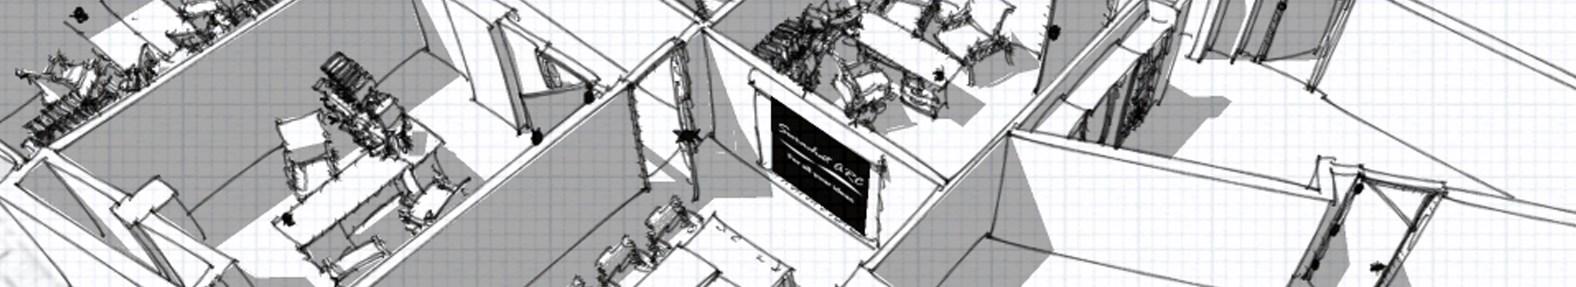 ArchiSite Group - Construction Management